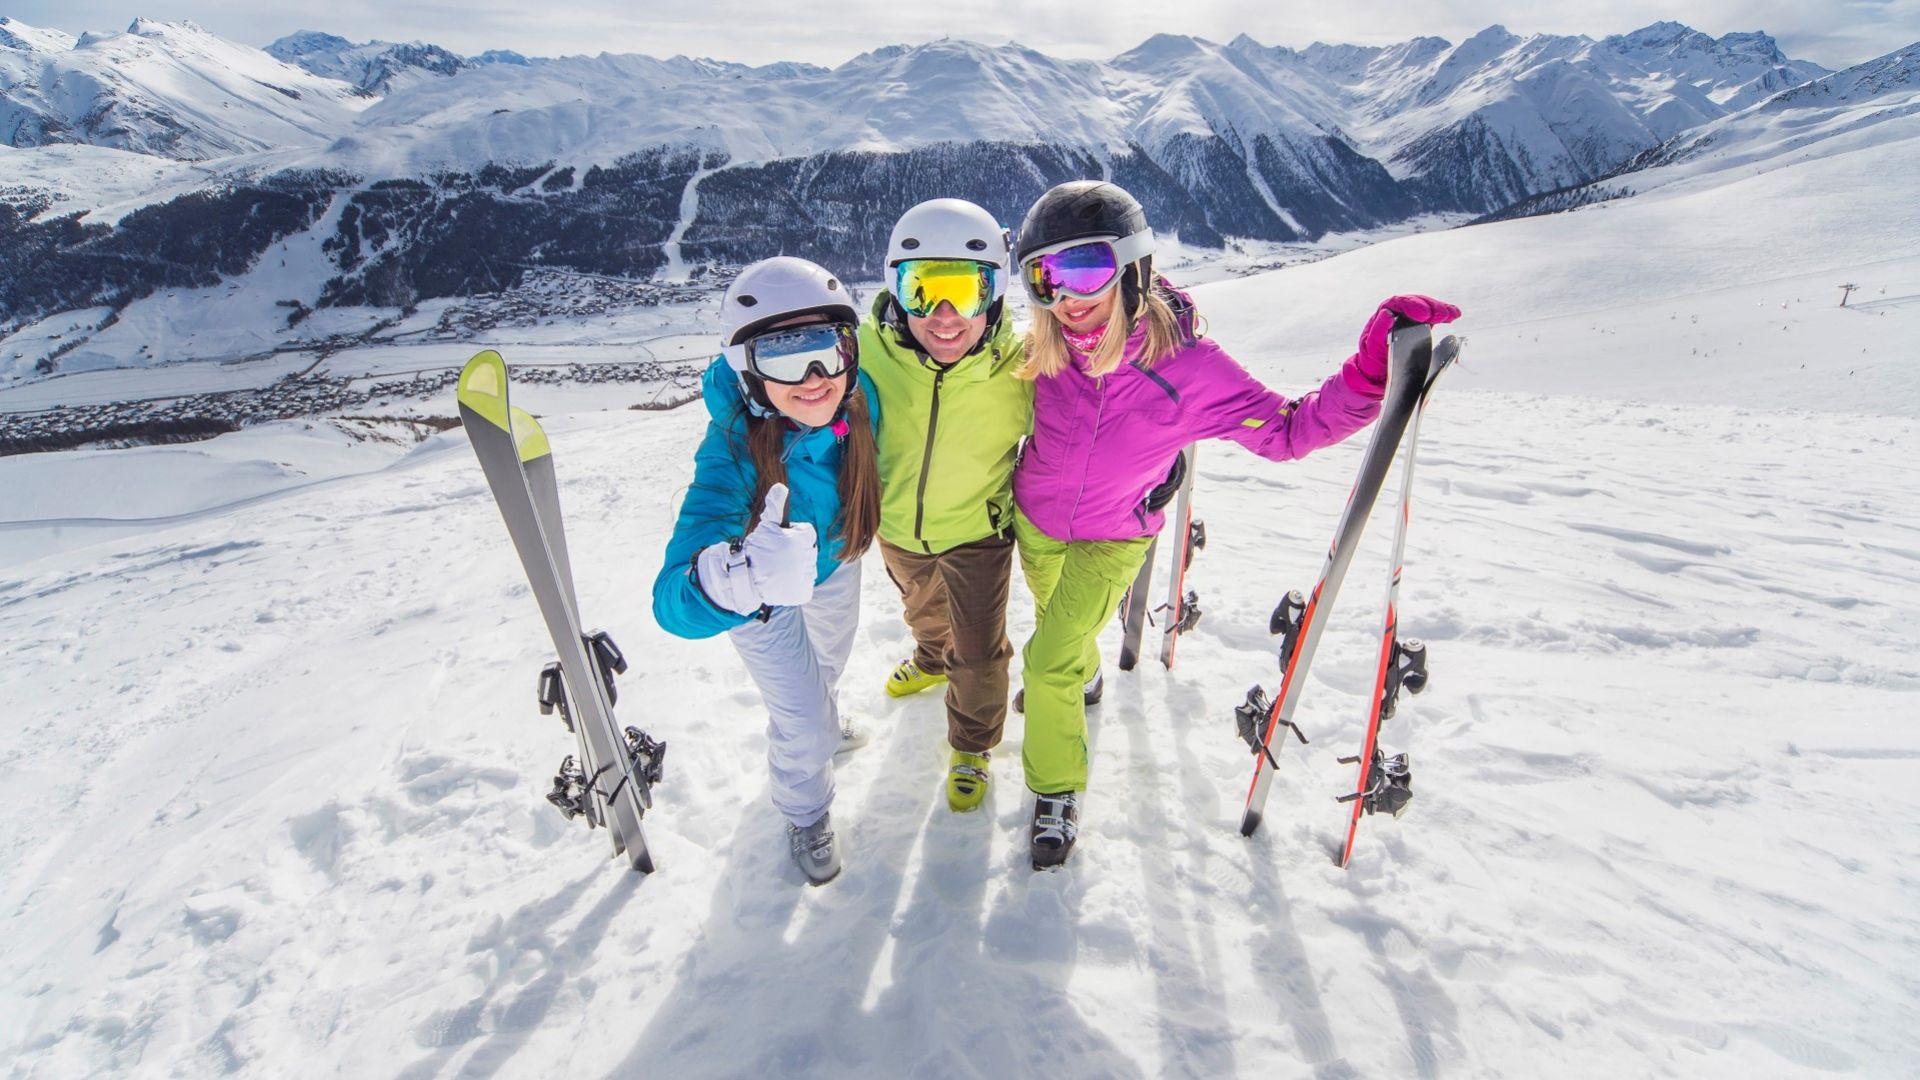 Къде в Италия ски курортите ще отворят от 15 февруари?